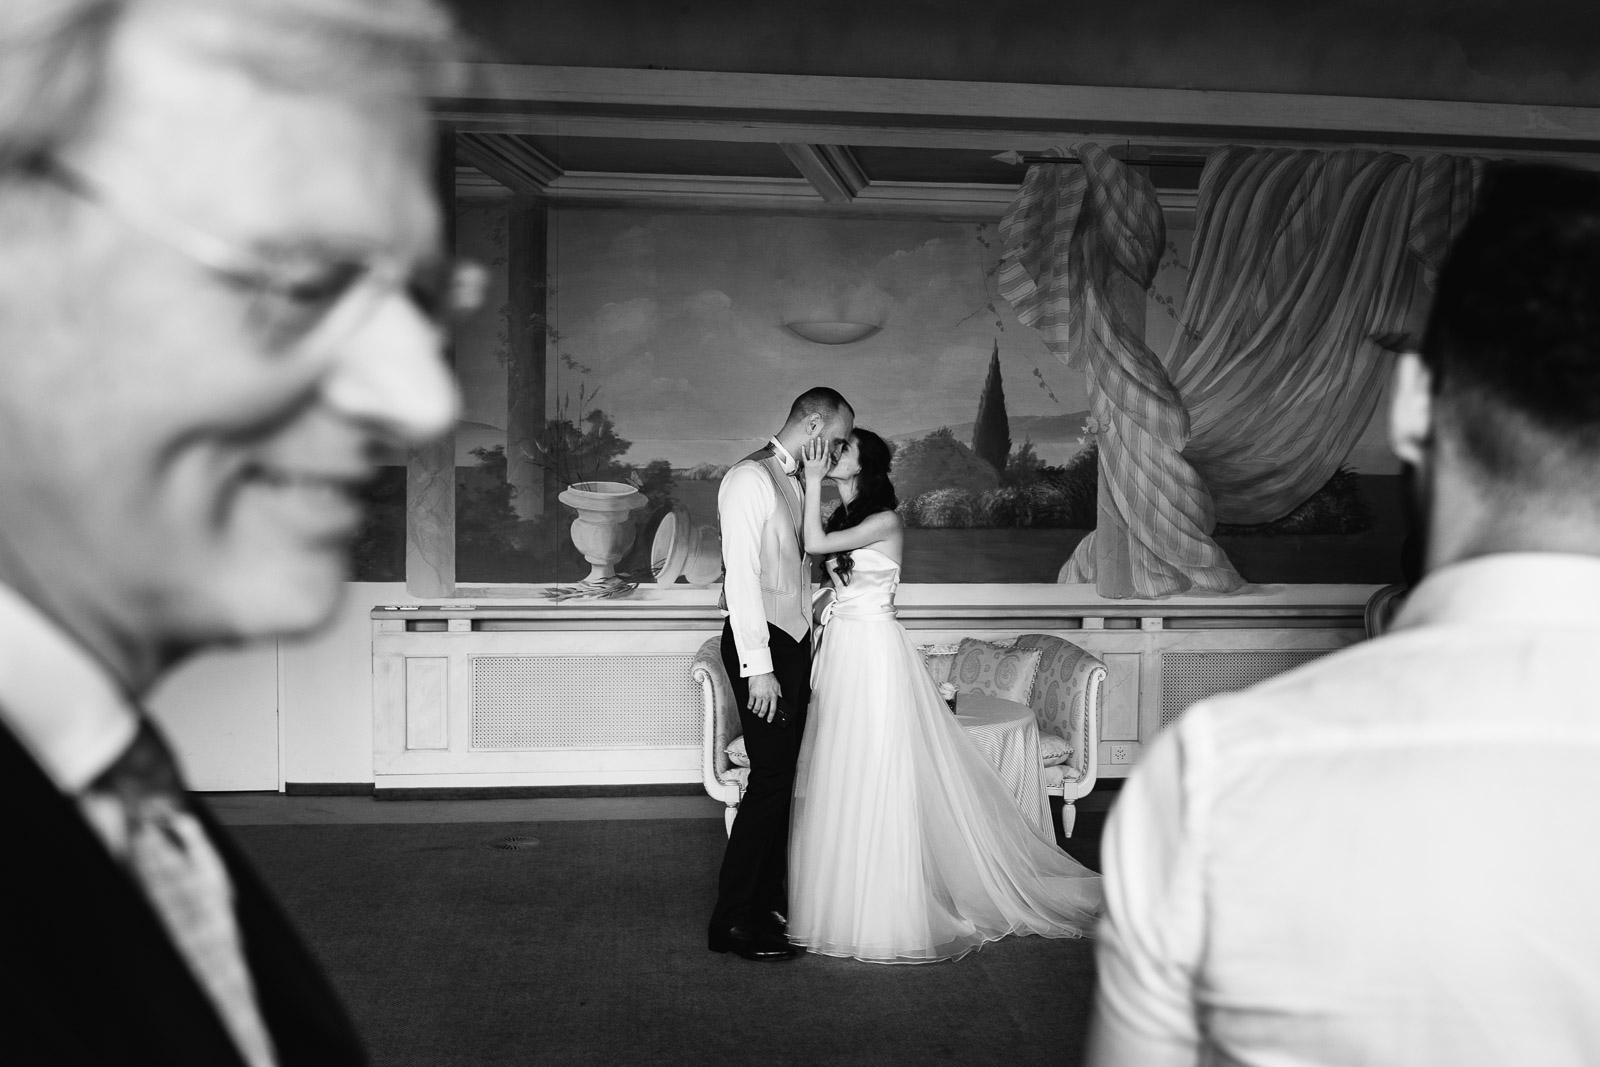 Fotografo di Matrimonio a Arcore: Fotografo professionista specializzato in reportage di matrimonio e ritratti | Max Allegritti